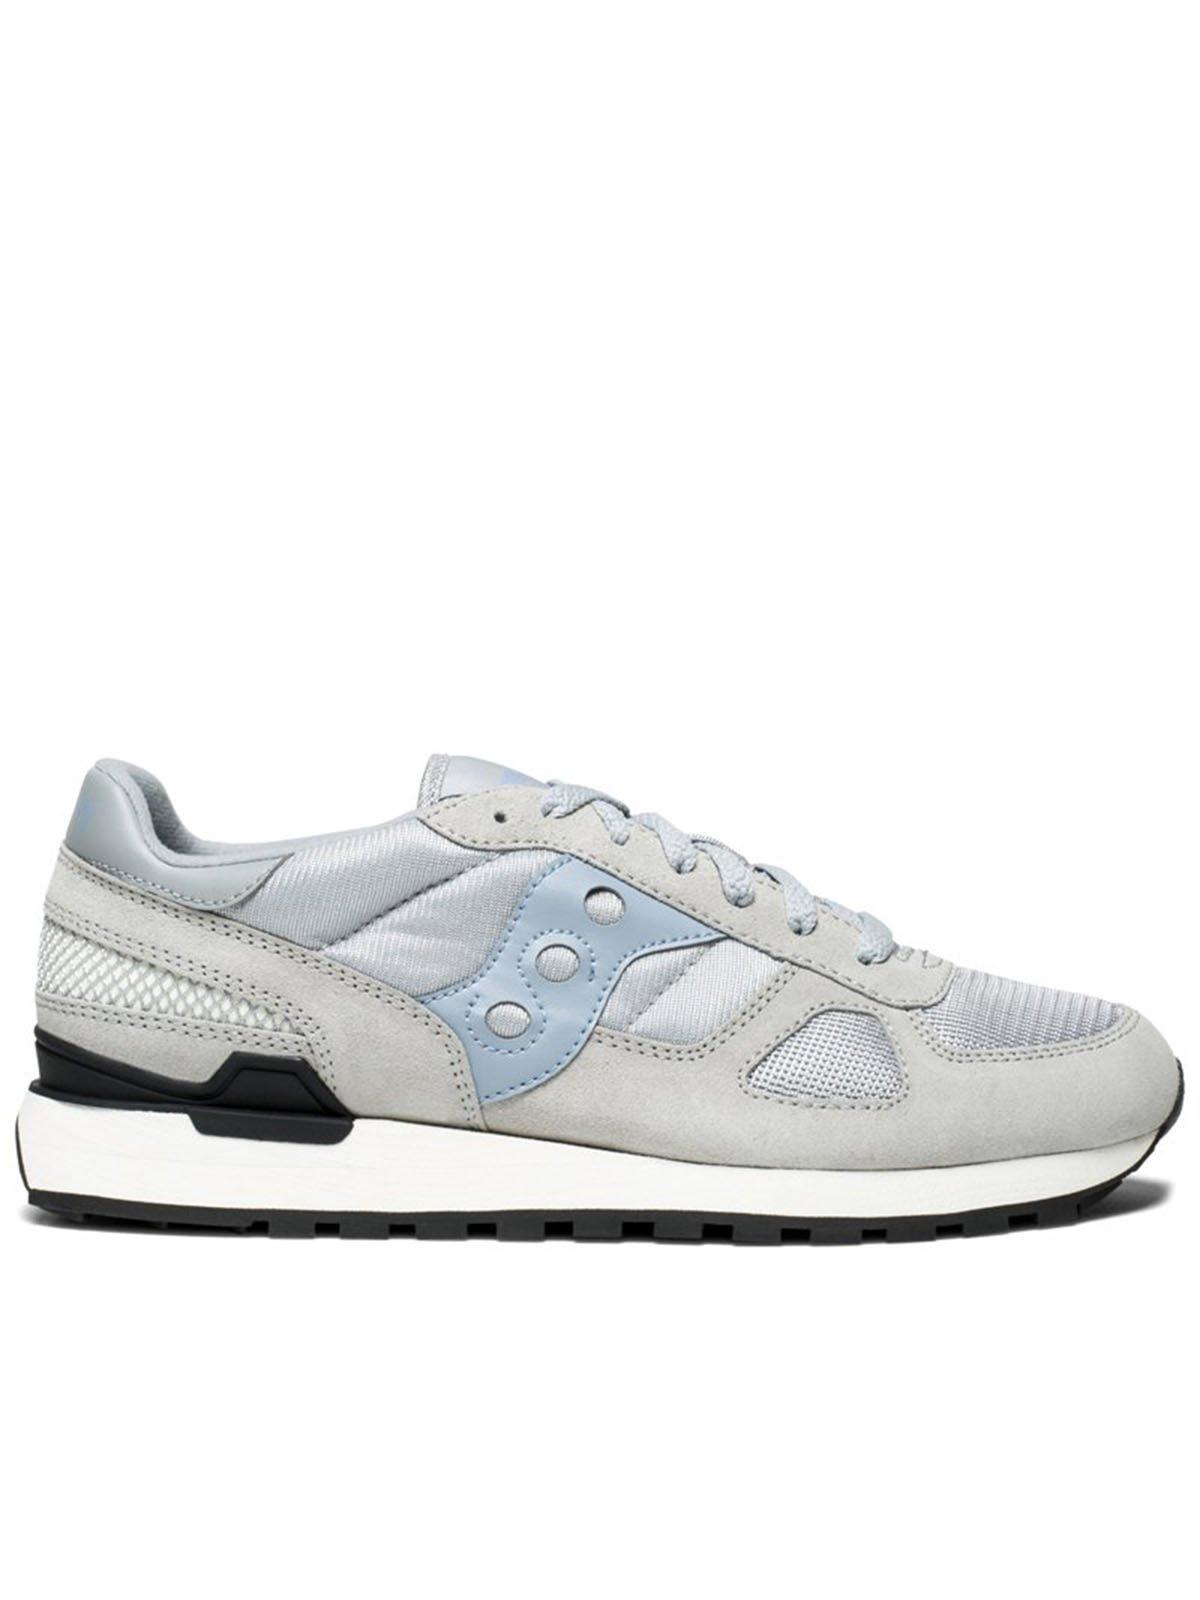 Кросівки сіро-блакитні Shadow Original | 4249471